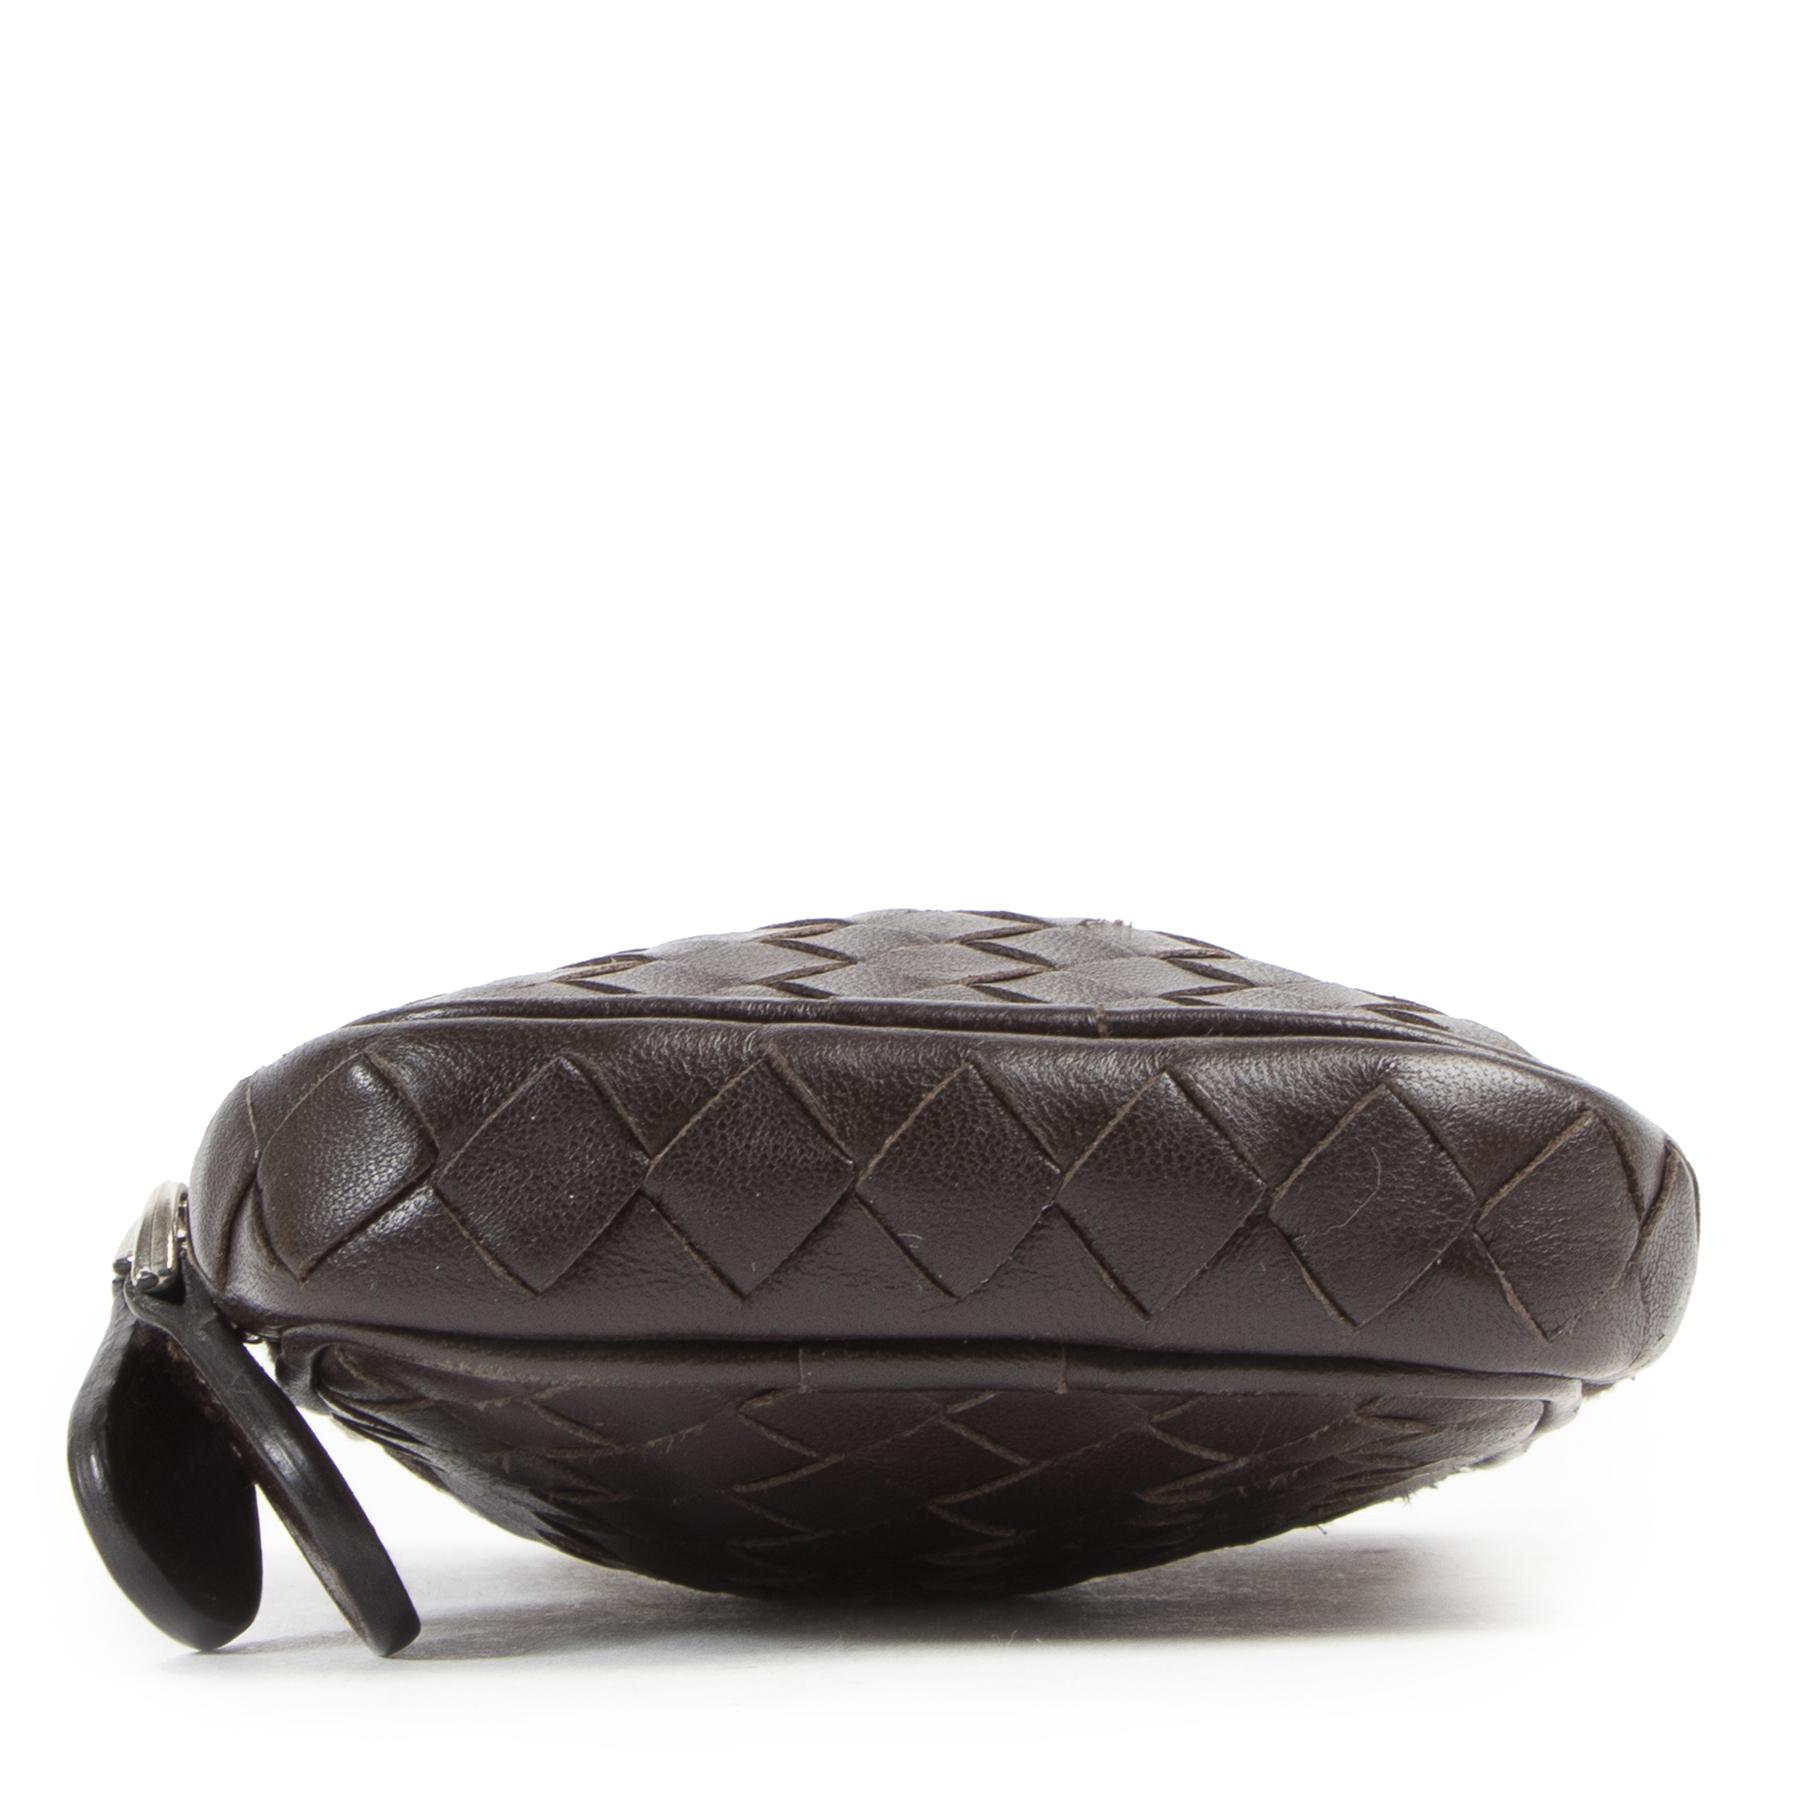 Authentieke tweedehands Bottega Veneta phoneholder wallet juiste prijs veilig online winkelen LabelLOV webshop luxe merken winkelen Antwerpen België mode fashion